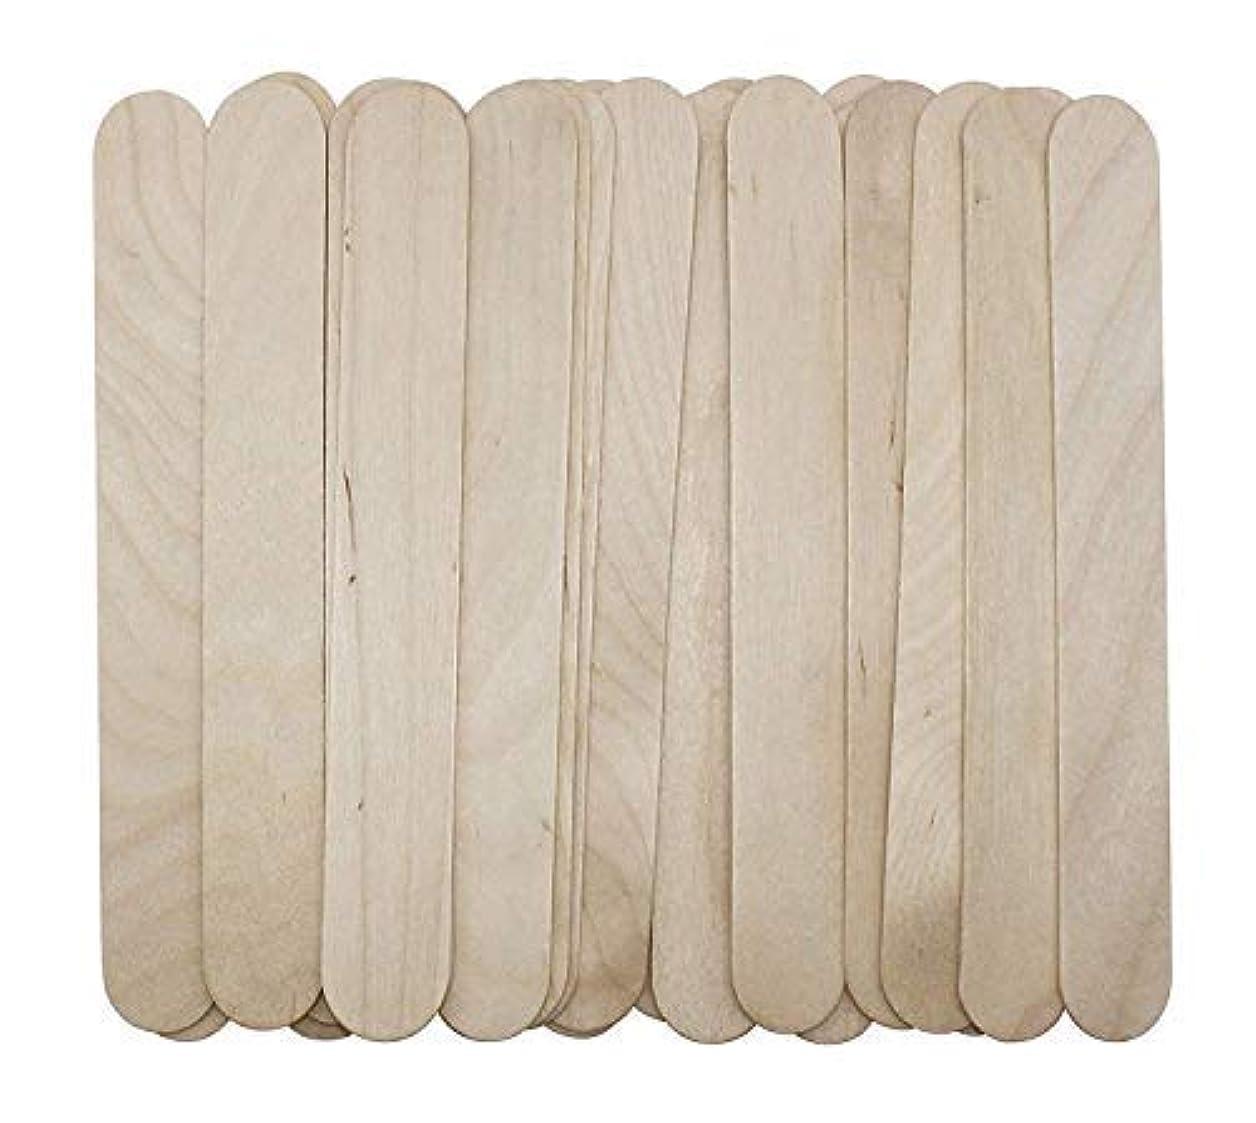 プロジェクター非常に同盟100 Large Wax Waxing Wood Body Hair Removal Craft Sticks Applicator Spatula 141[並行輸入]